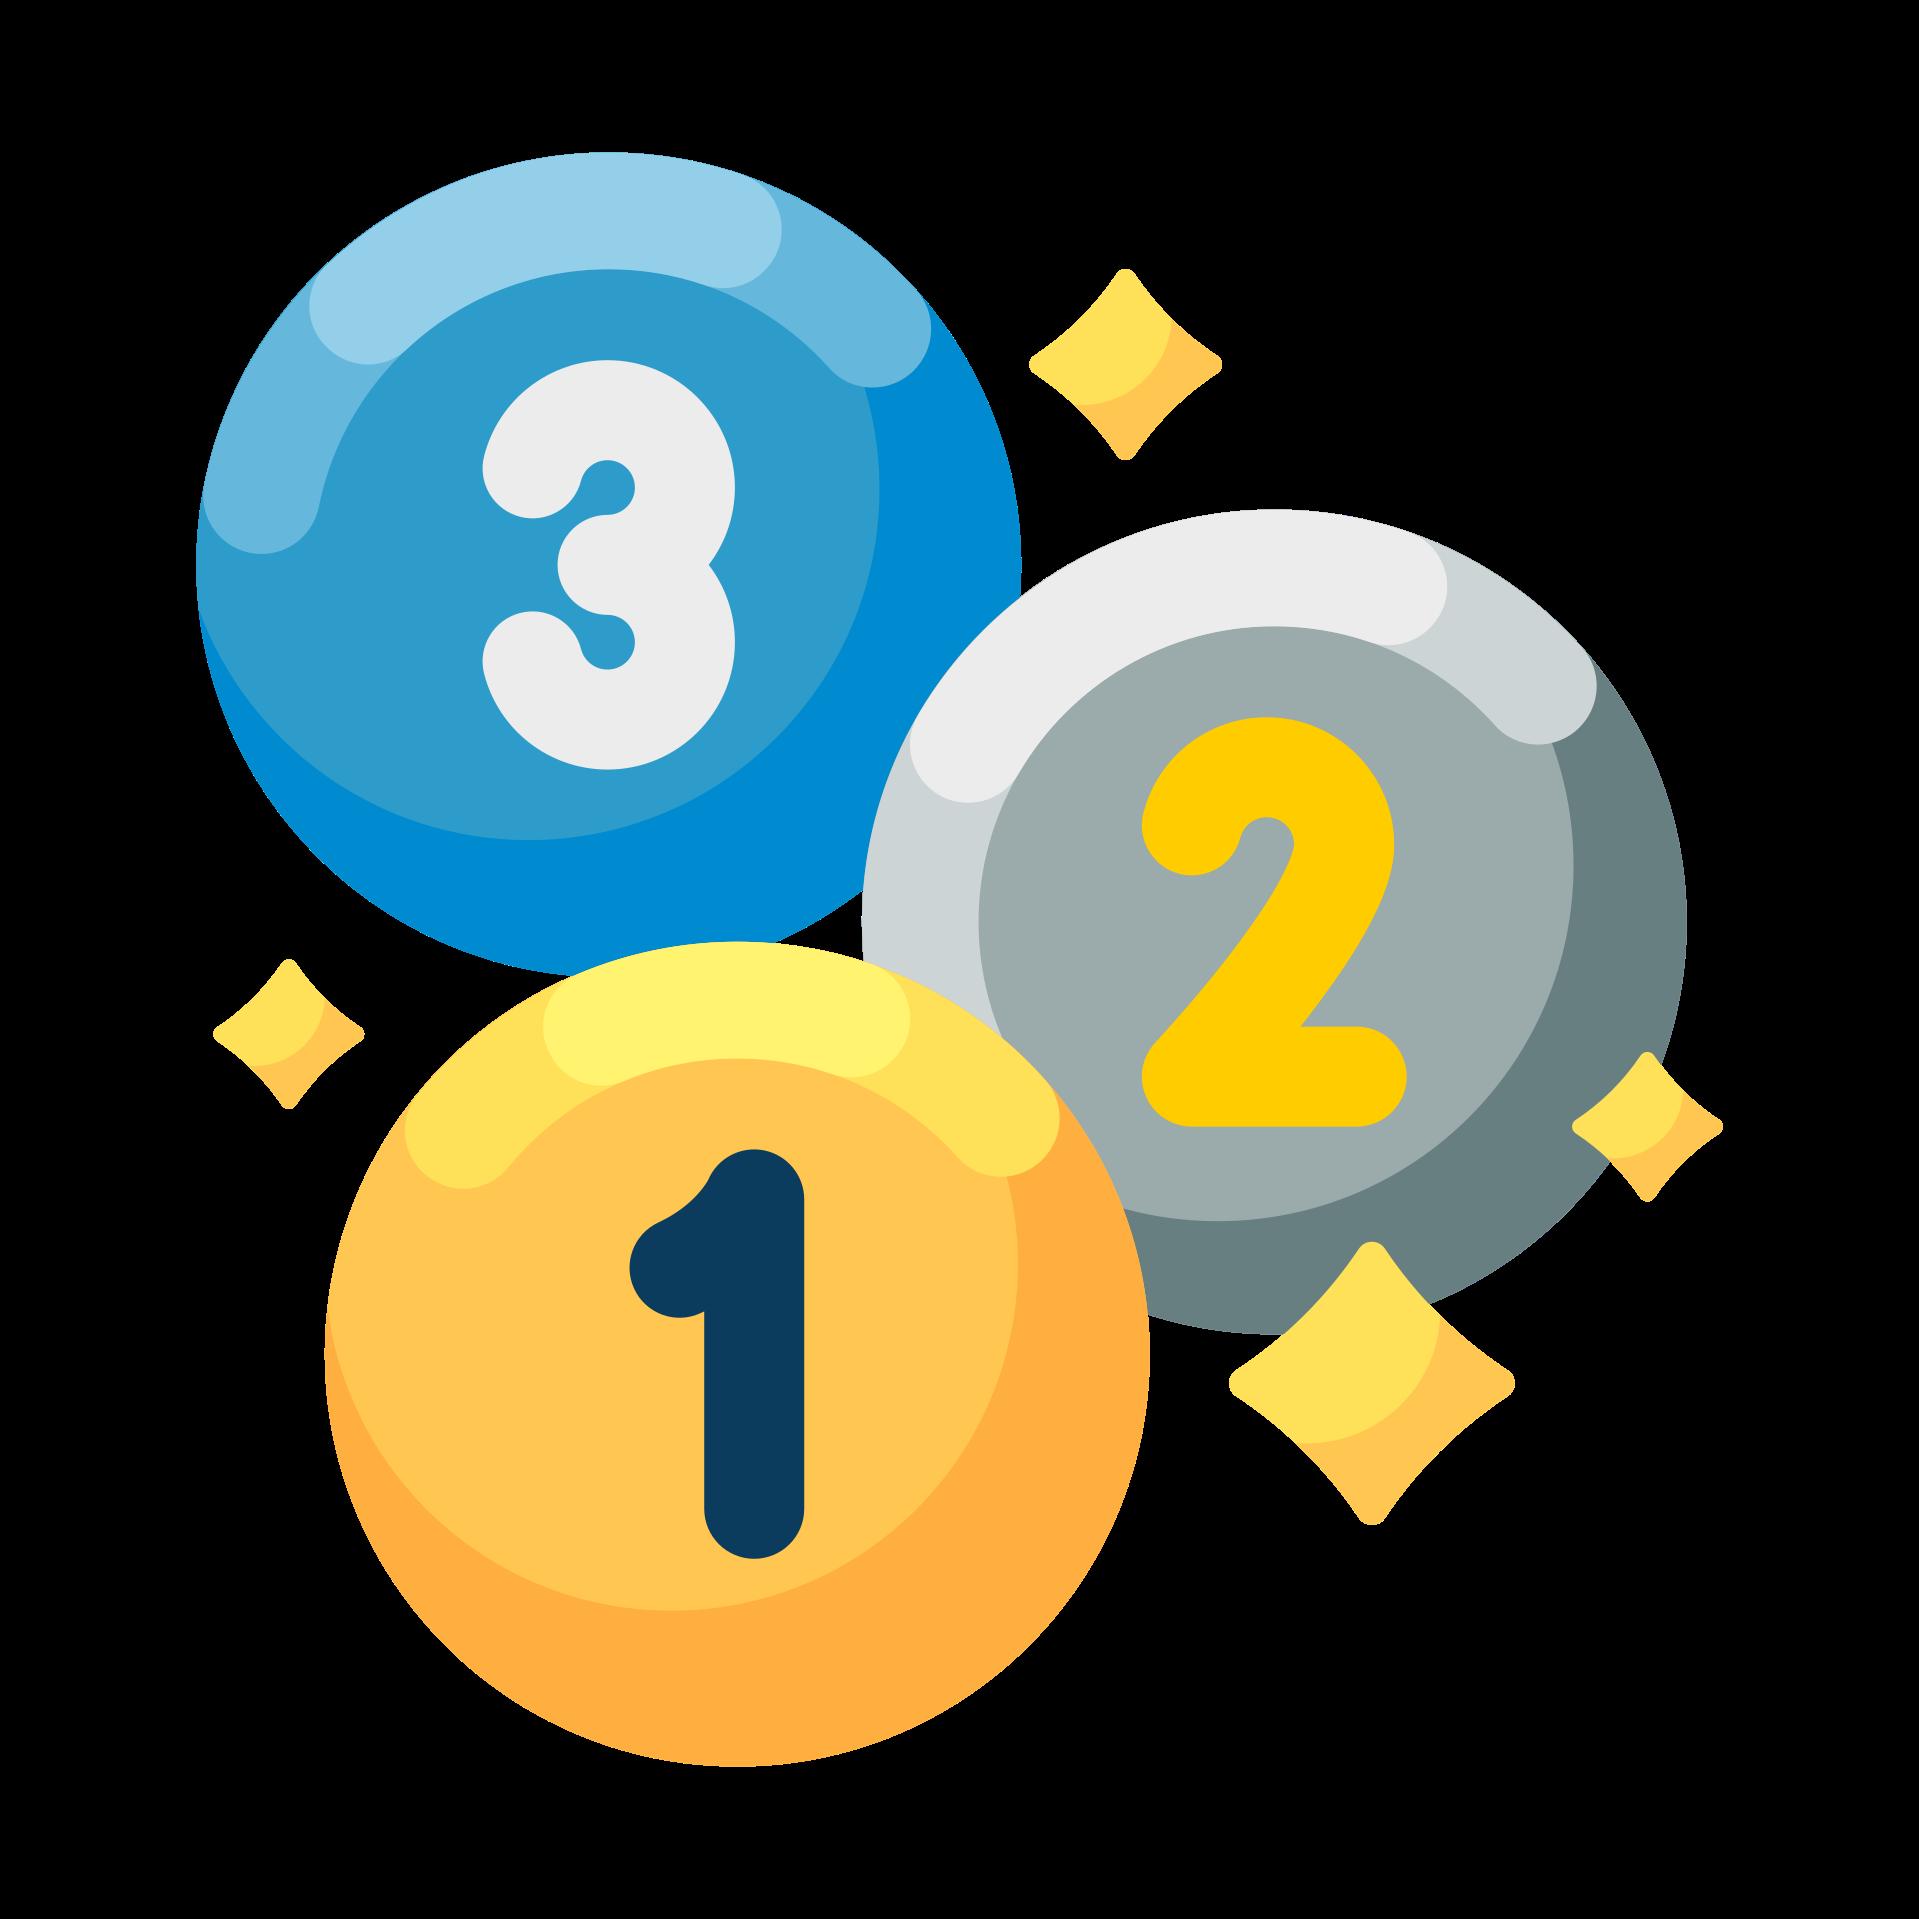 Inteiros e floats em Python: principais tipos de dados numéricos